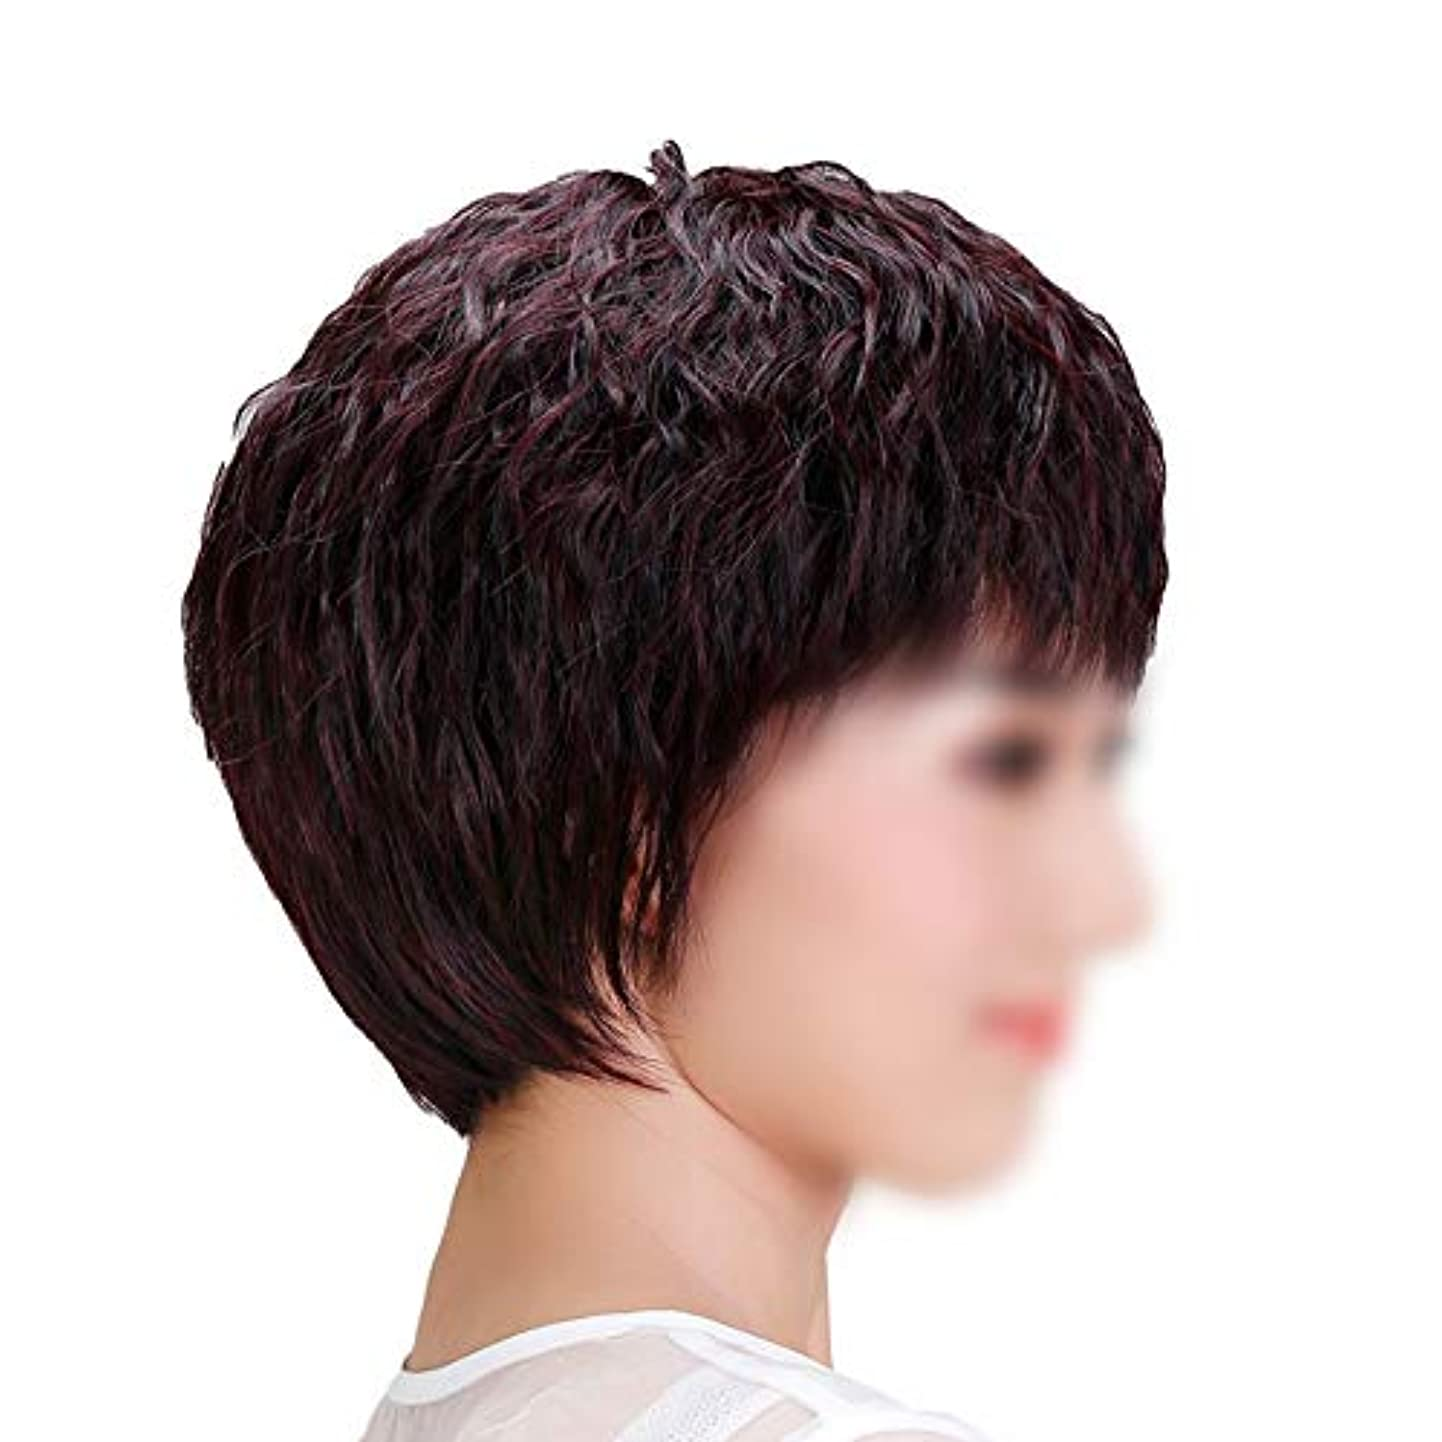 おばあさん楽観統計YOUQIU 手織り女子ショートストレートヘアー中年ウィッグ母のギフトウィッグのための自然な人間の髪 (色 : Dark brown, サイズ : Mechanism)